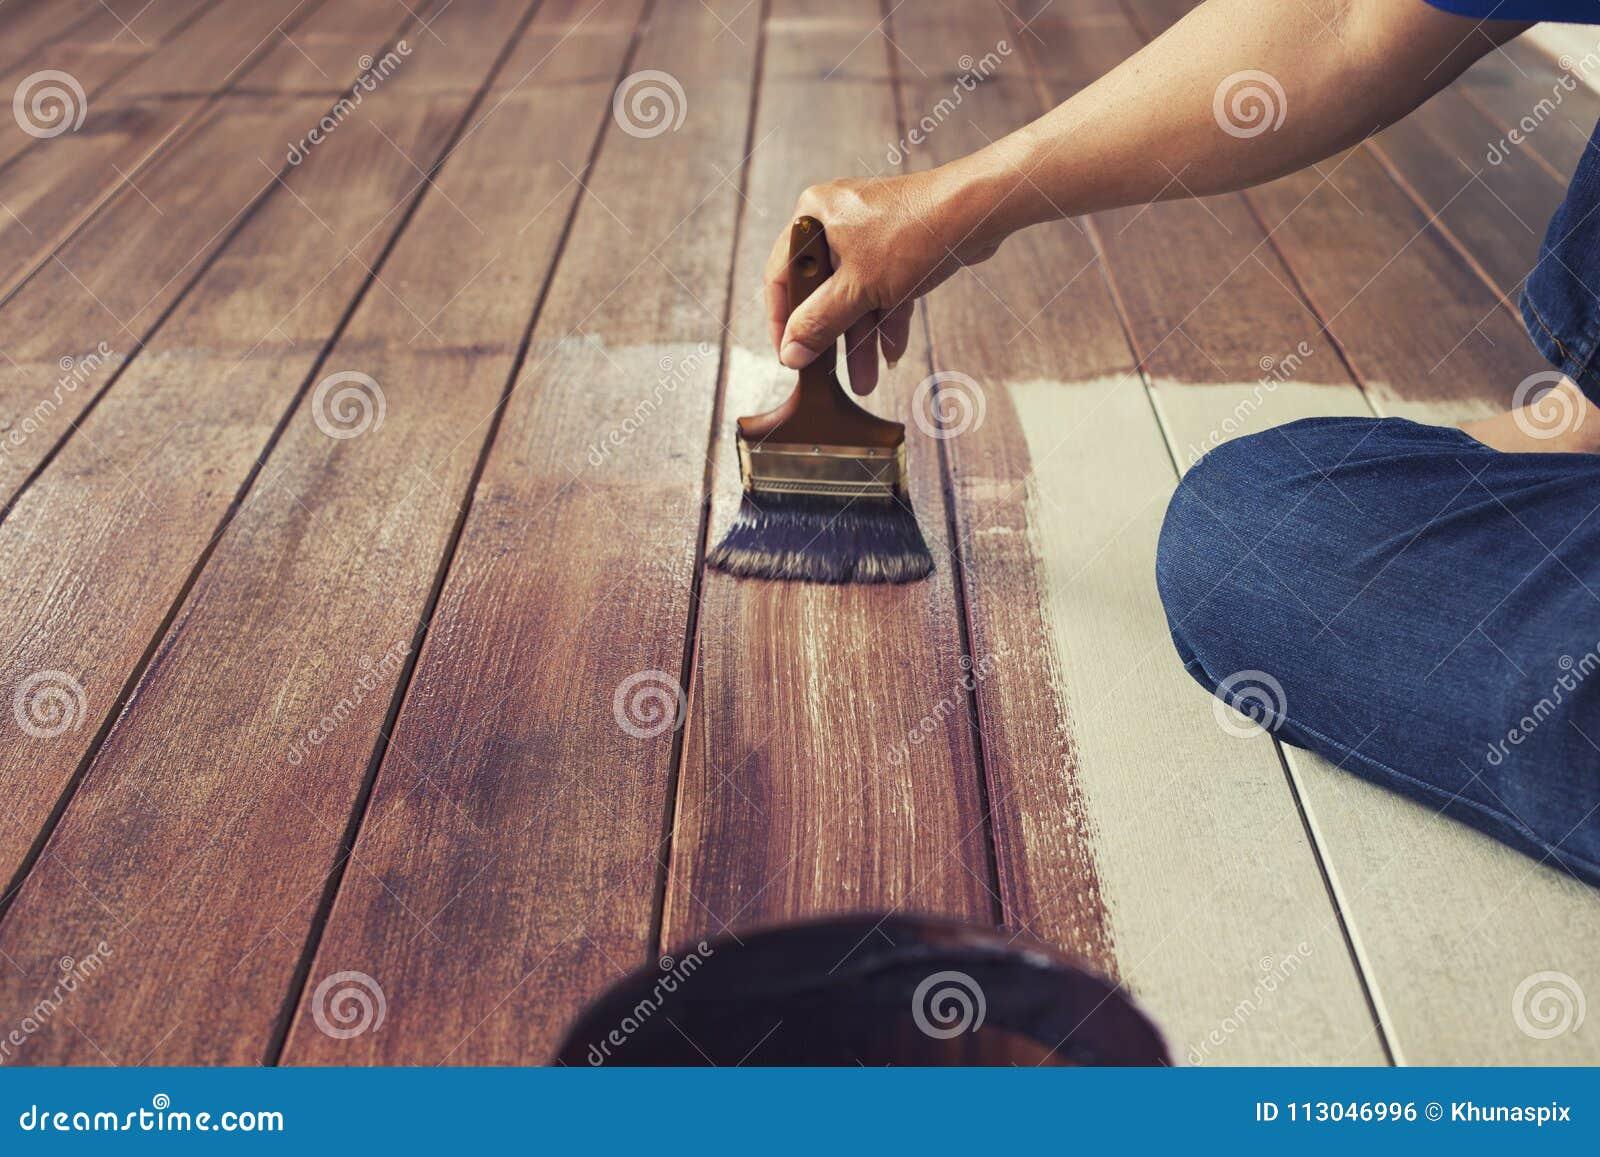 Hand het schilderen olieverf op houten vloer het diy concept van